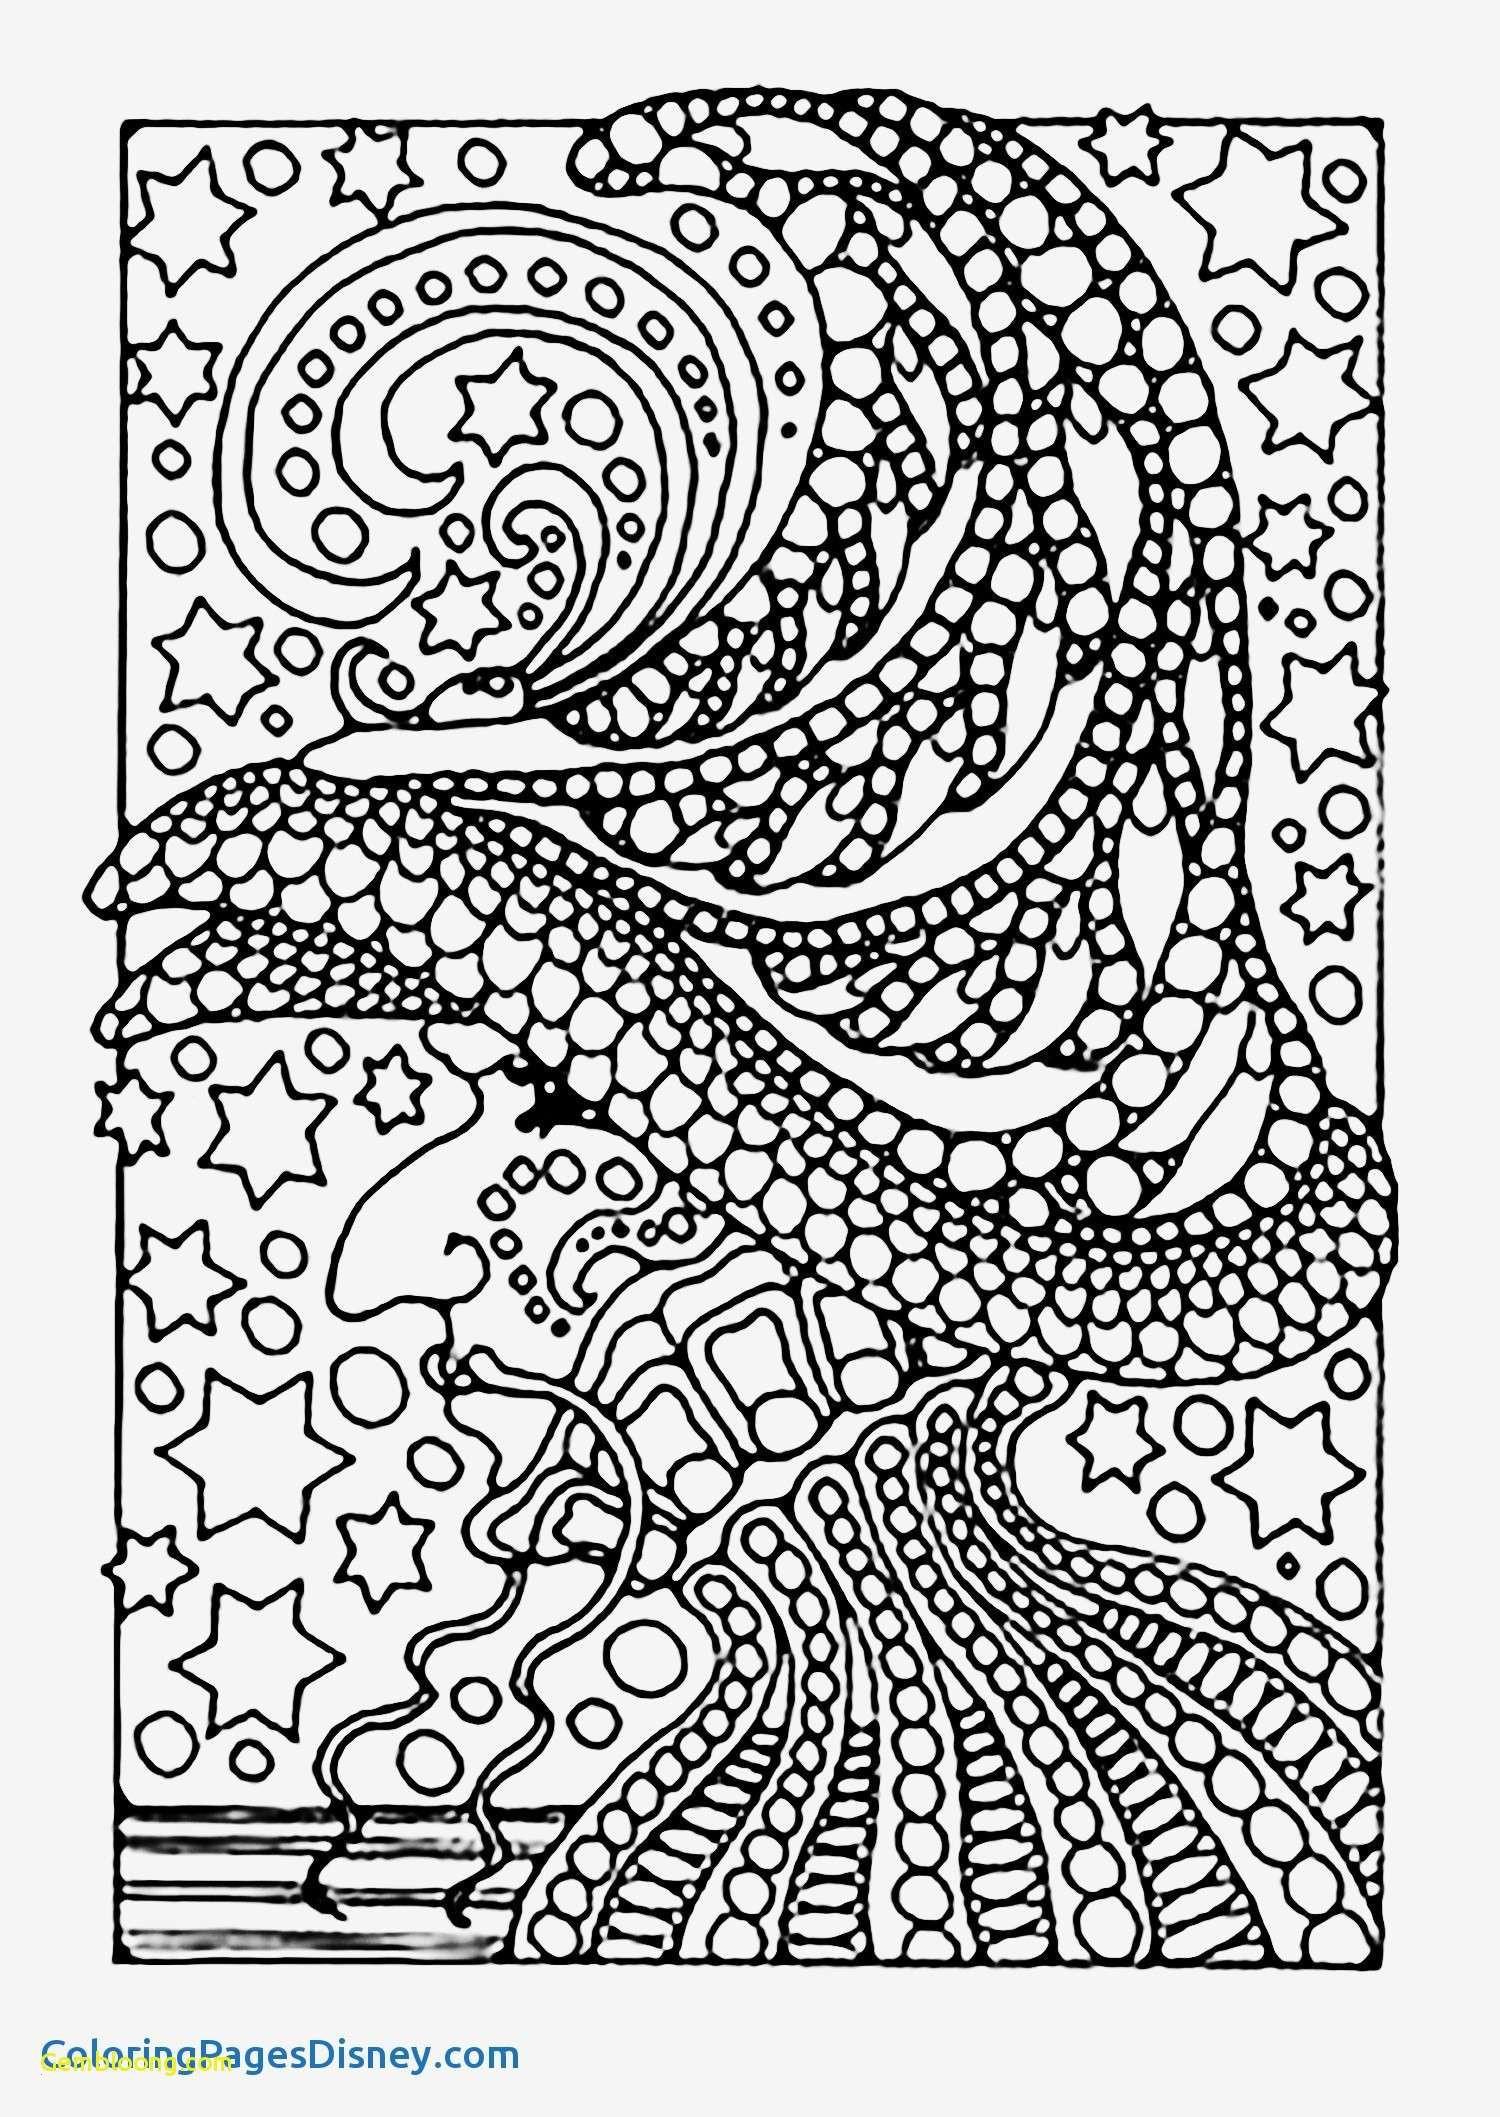 Malvorlage Blumen ornamente Neu Anna Und Elsa Malvorlagen Frisch Disney Princess Elsa Coloring Pages Bilder